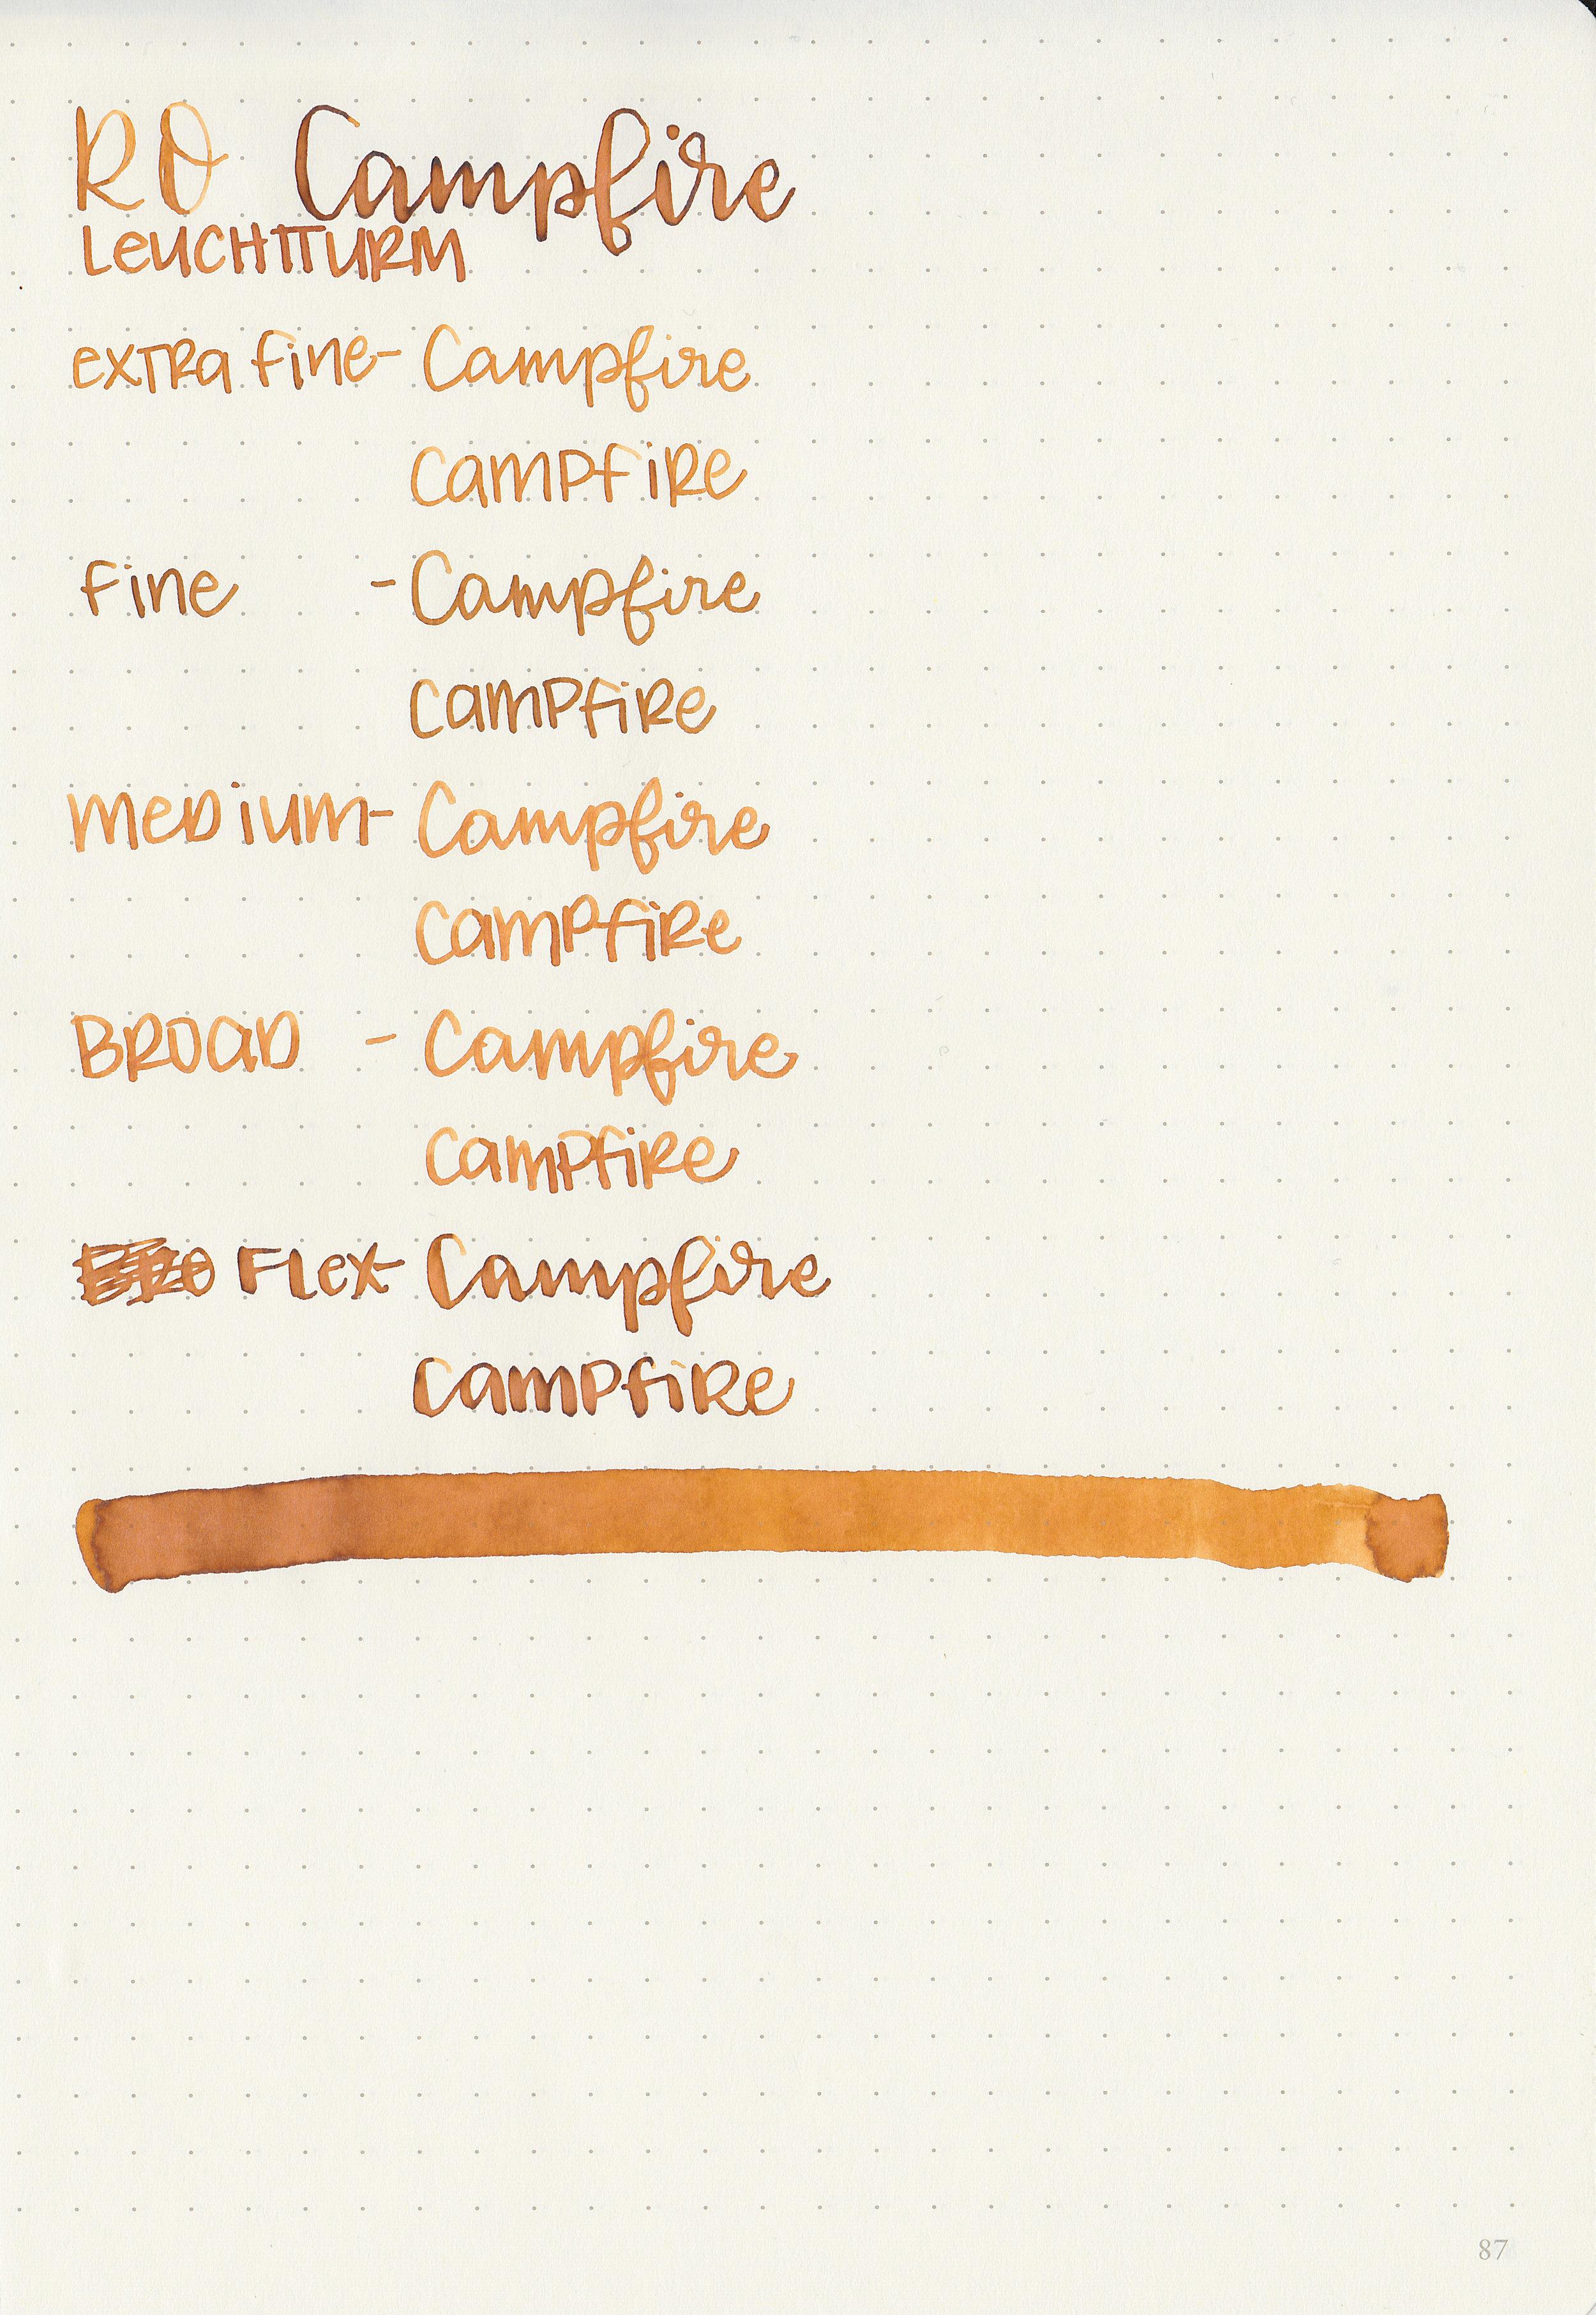 ro-campfire-9.jpg